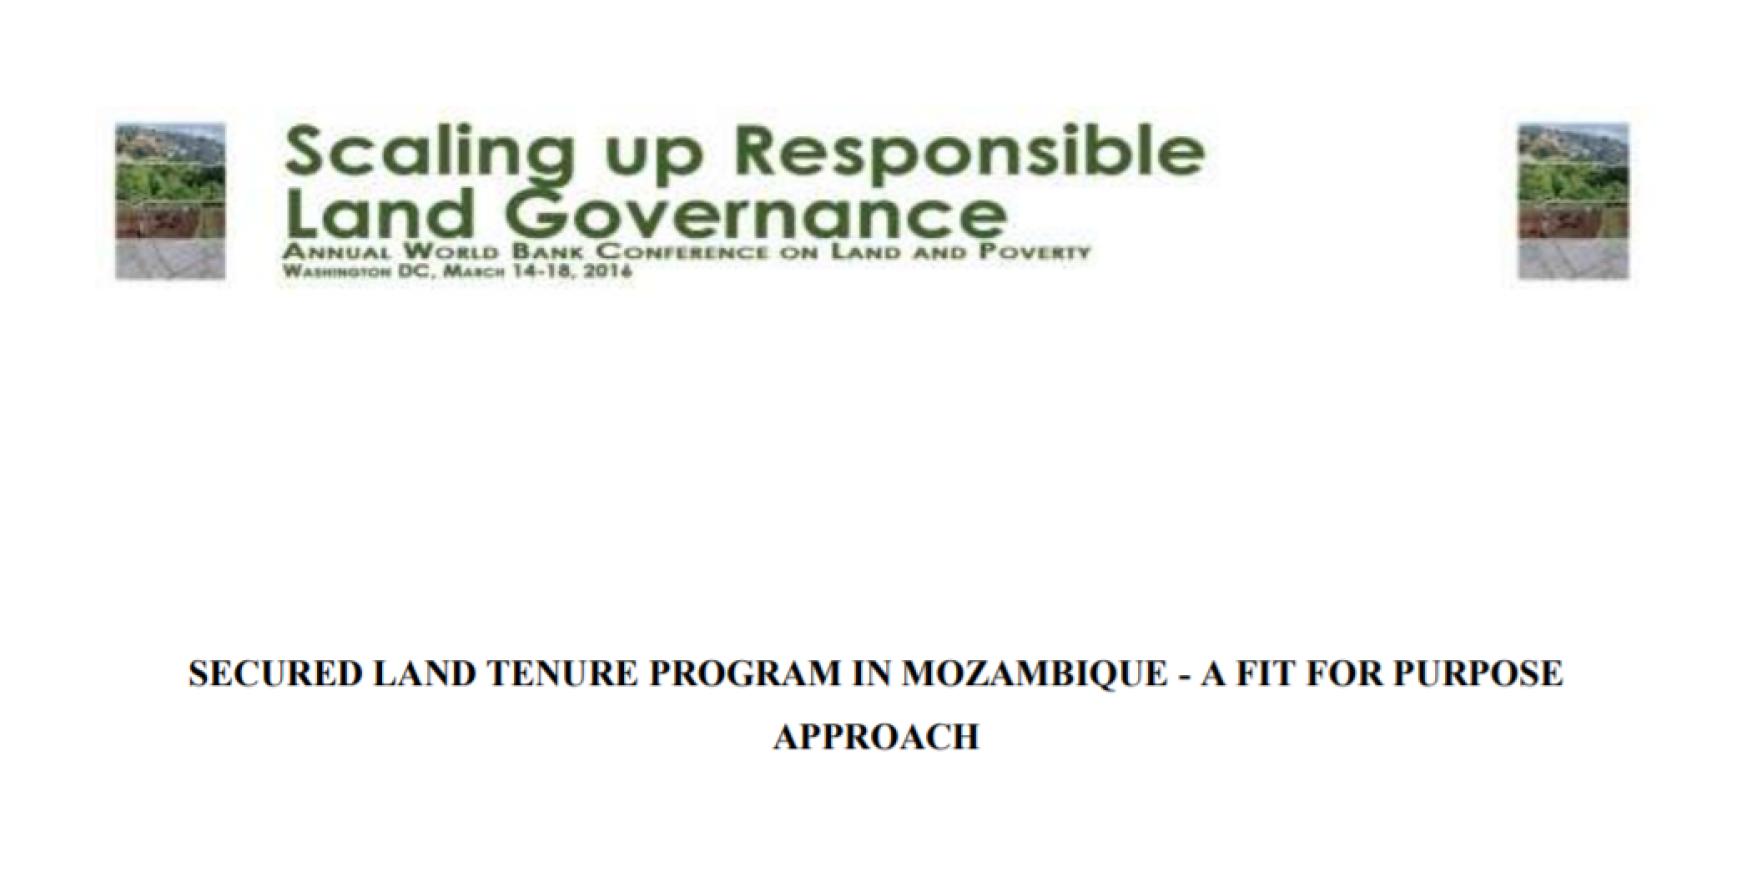 Programa de Terra Segura em Moçambique